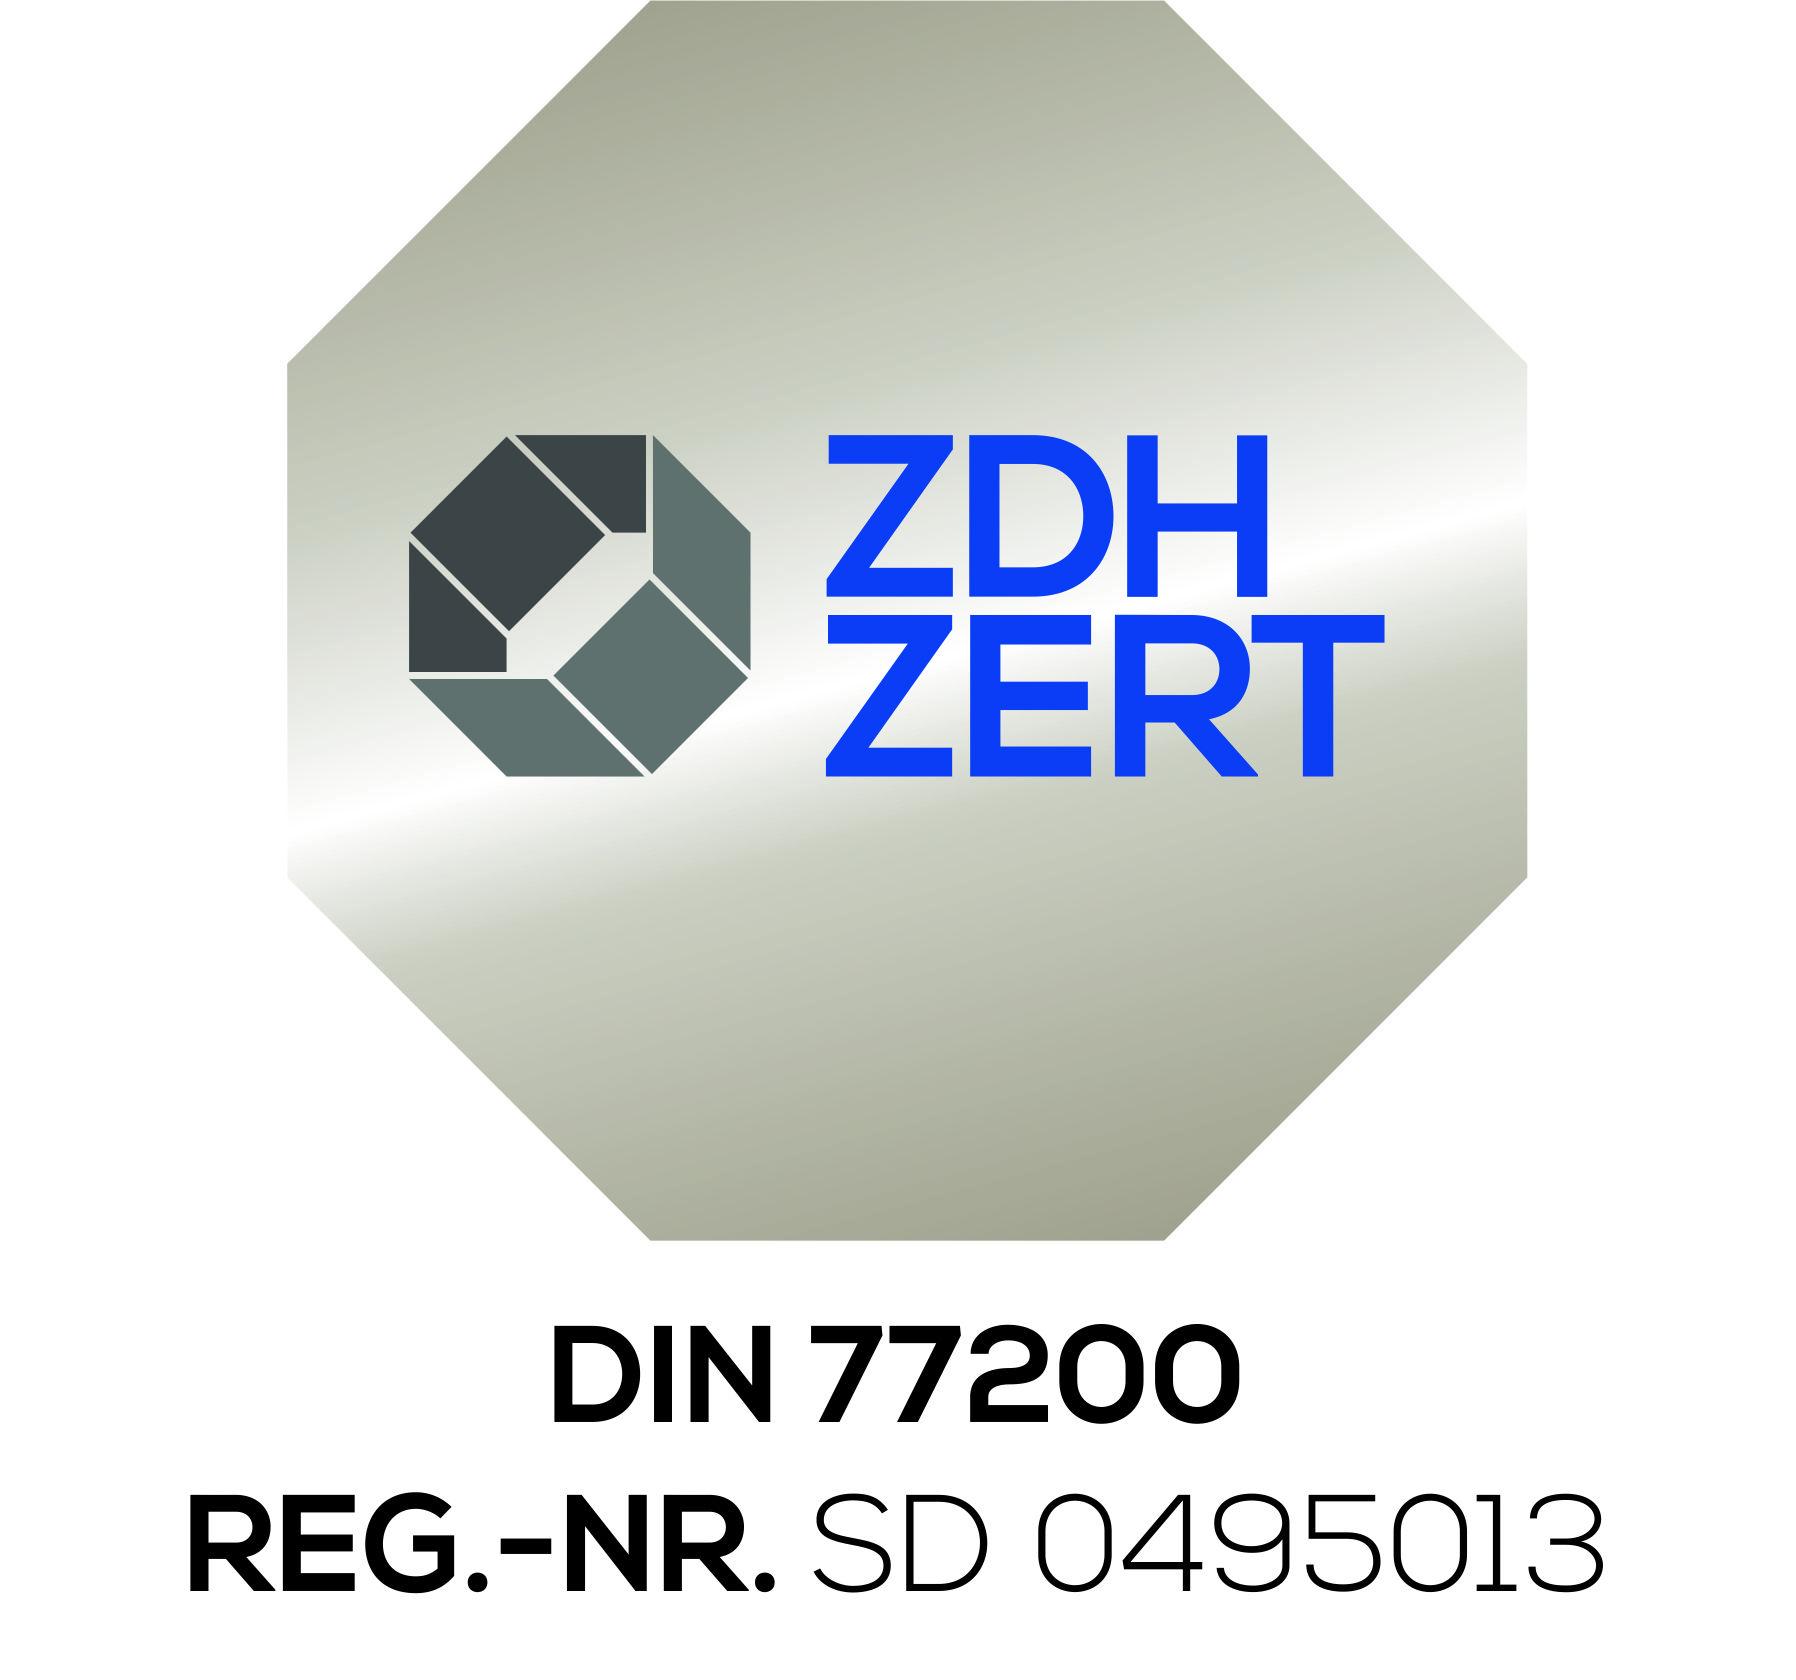 DIN 77200